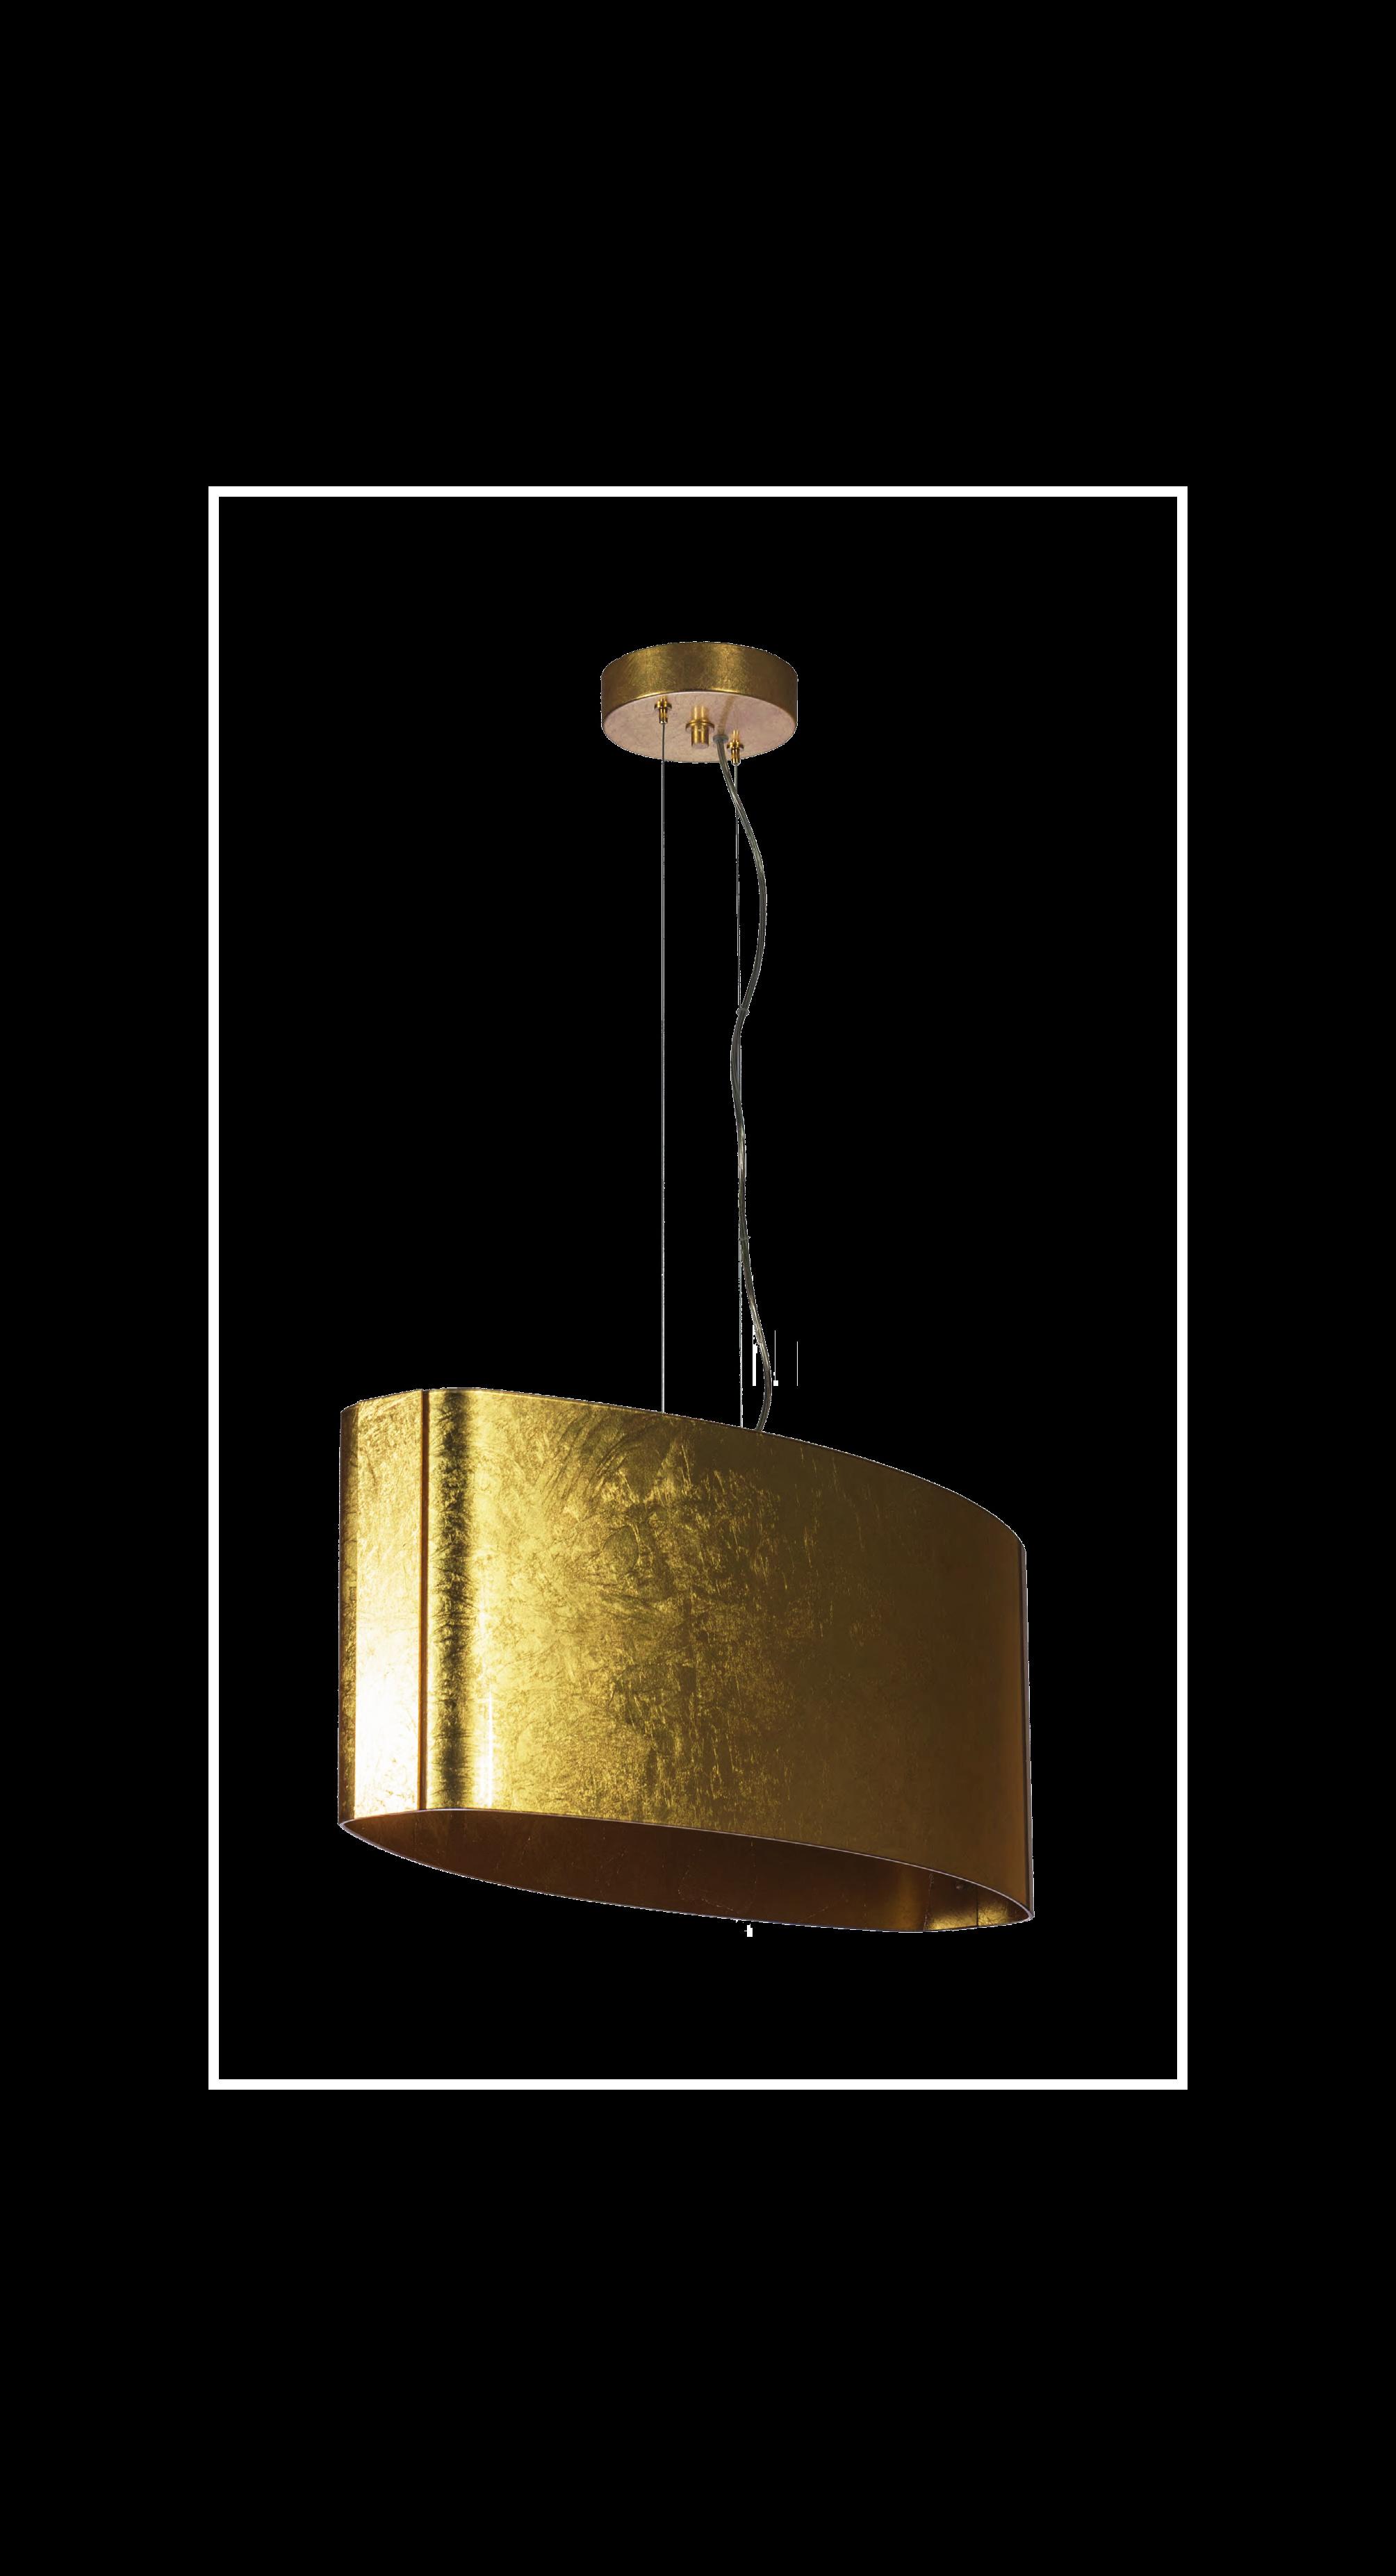 Padana Lampadari Lampada a sospensione IRENE 252-Foglia Oro